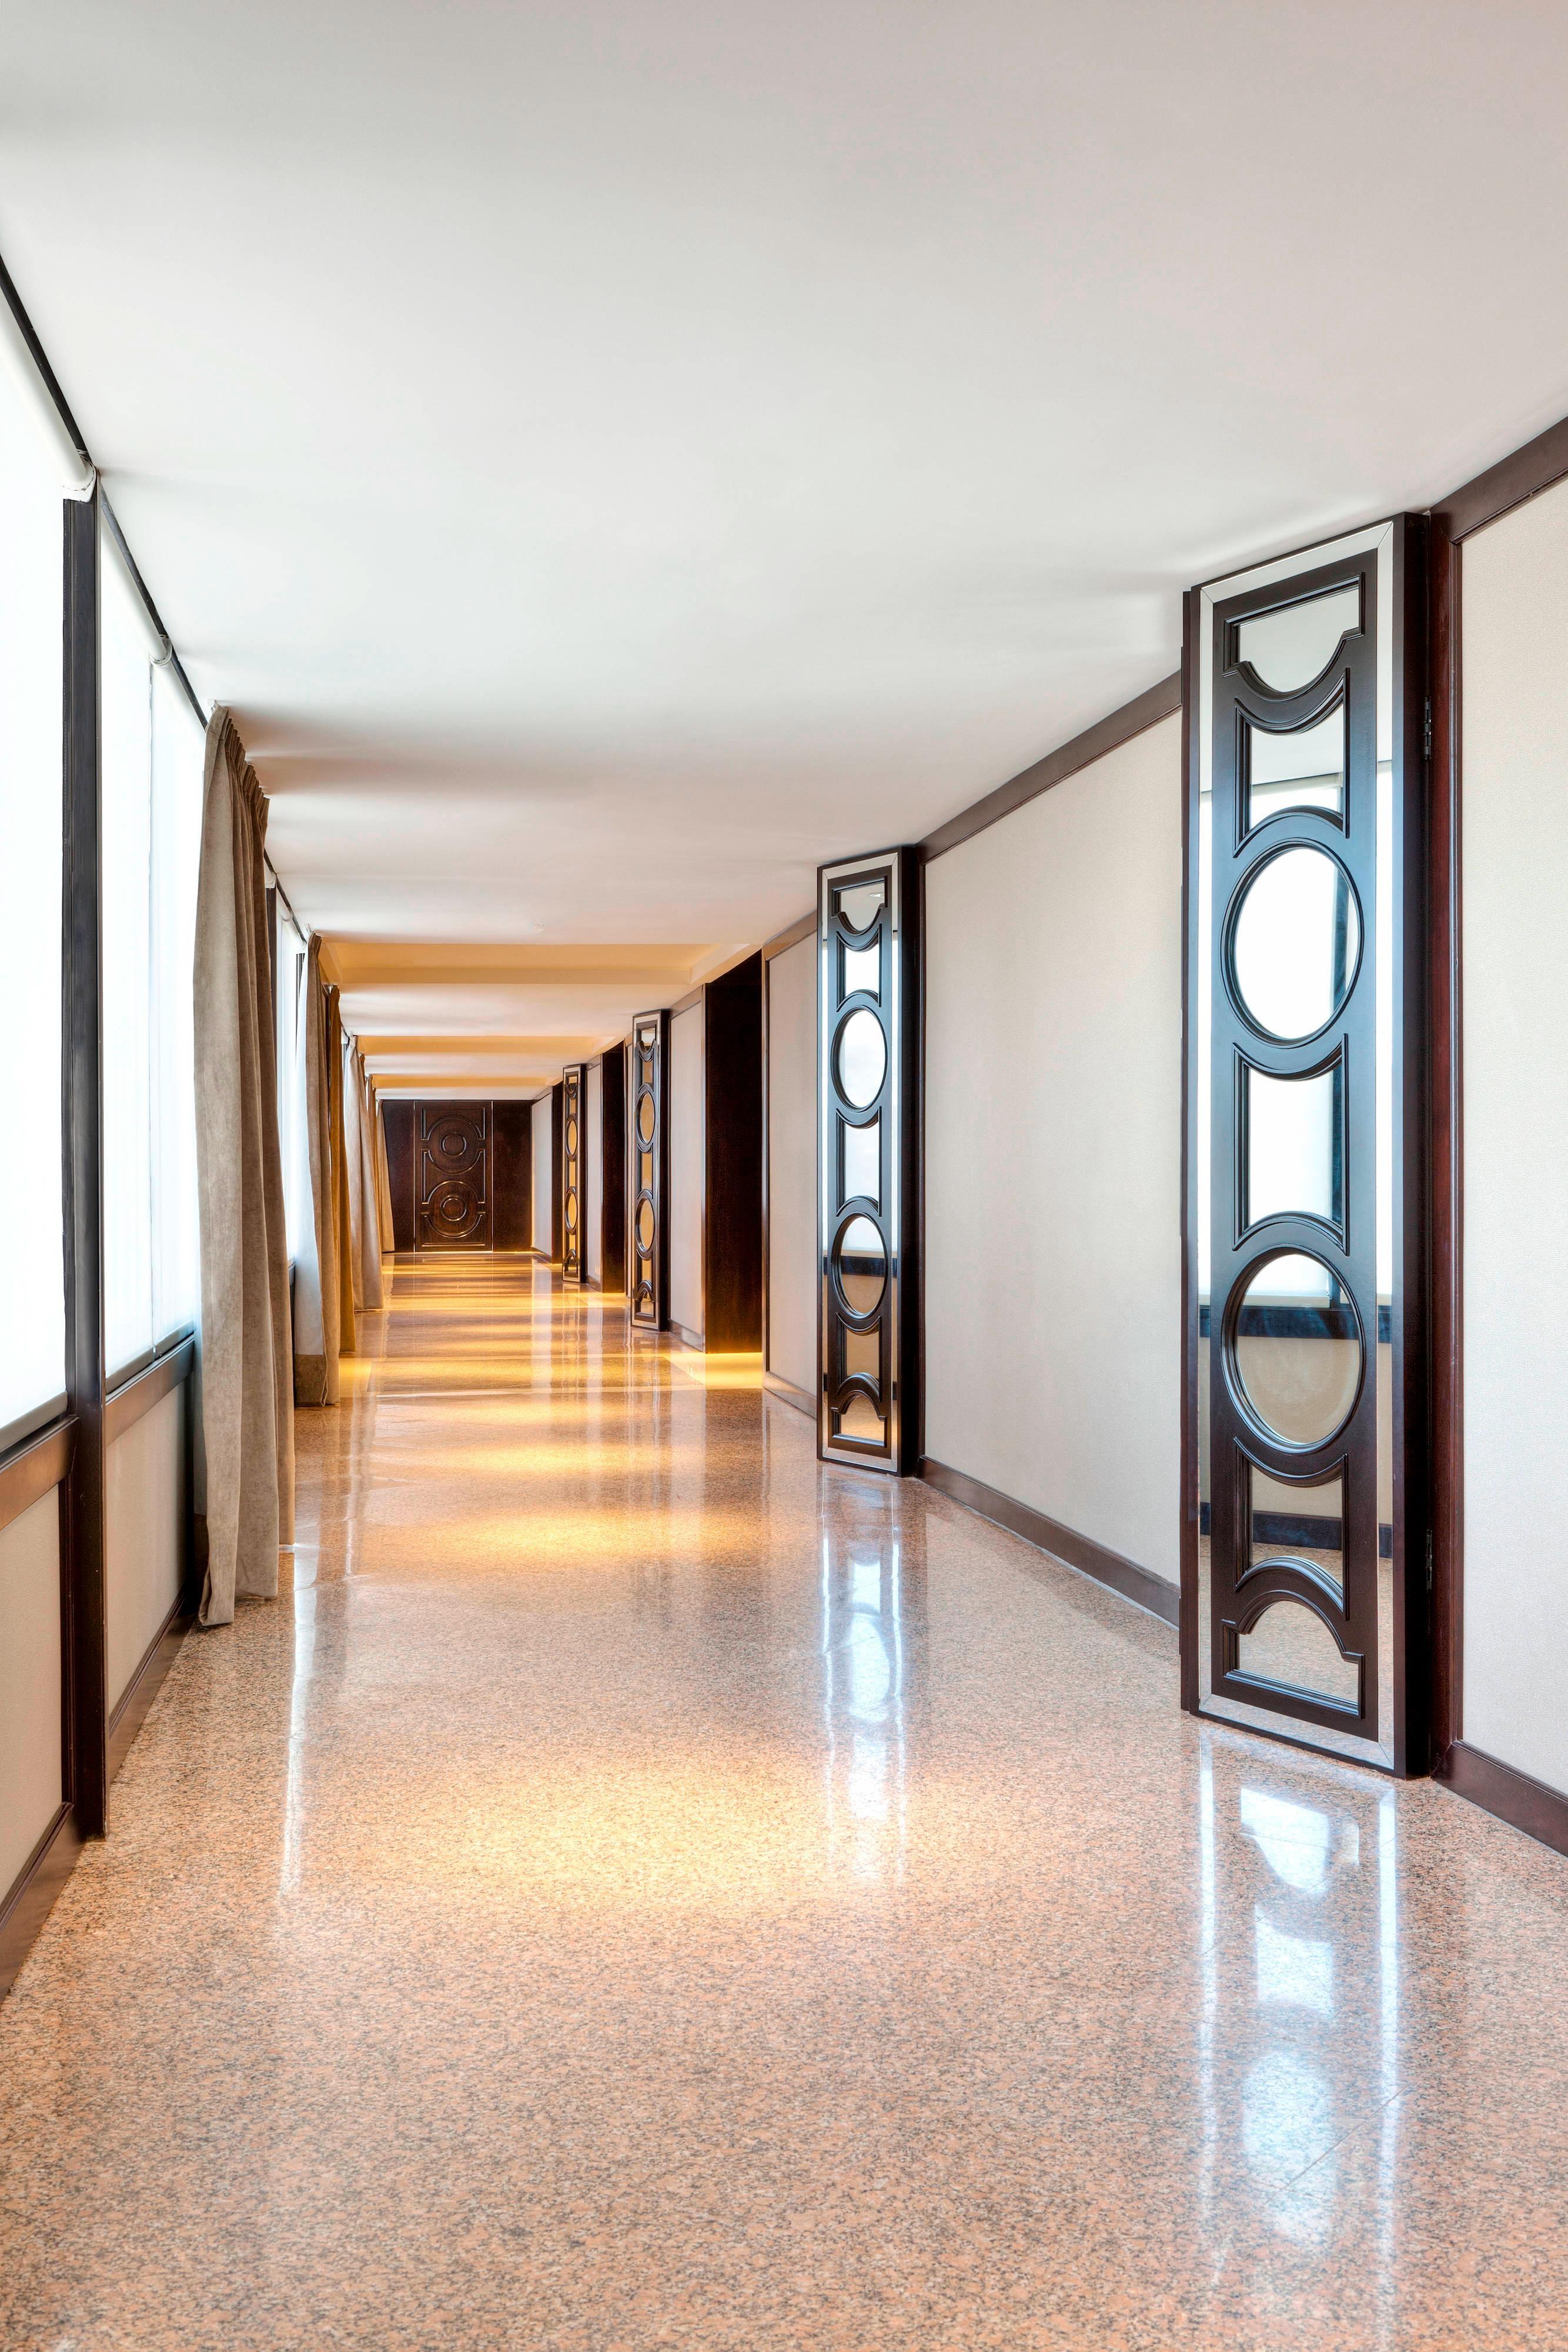 Convention Center Corridor